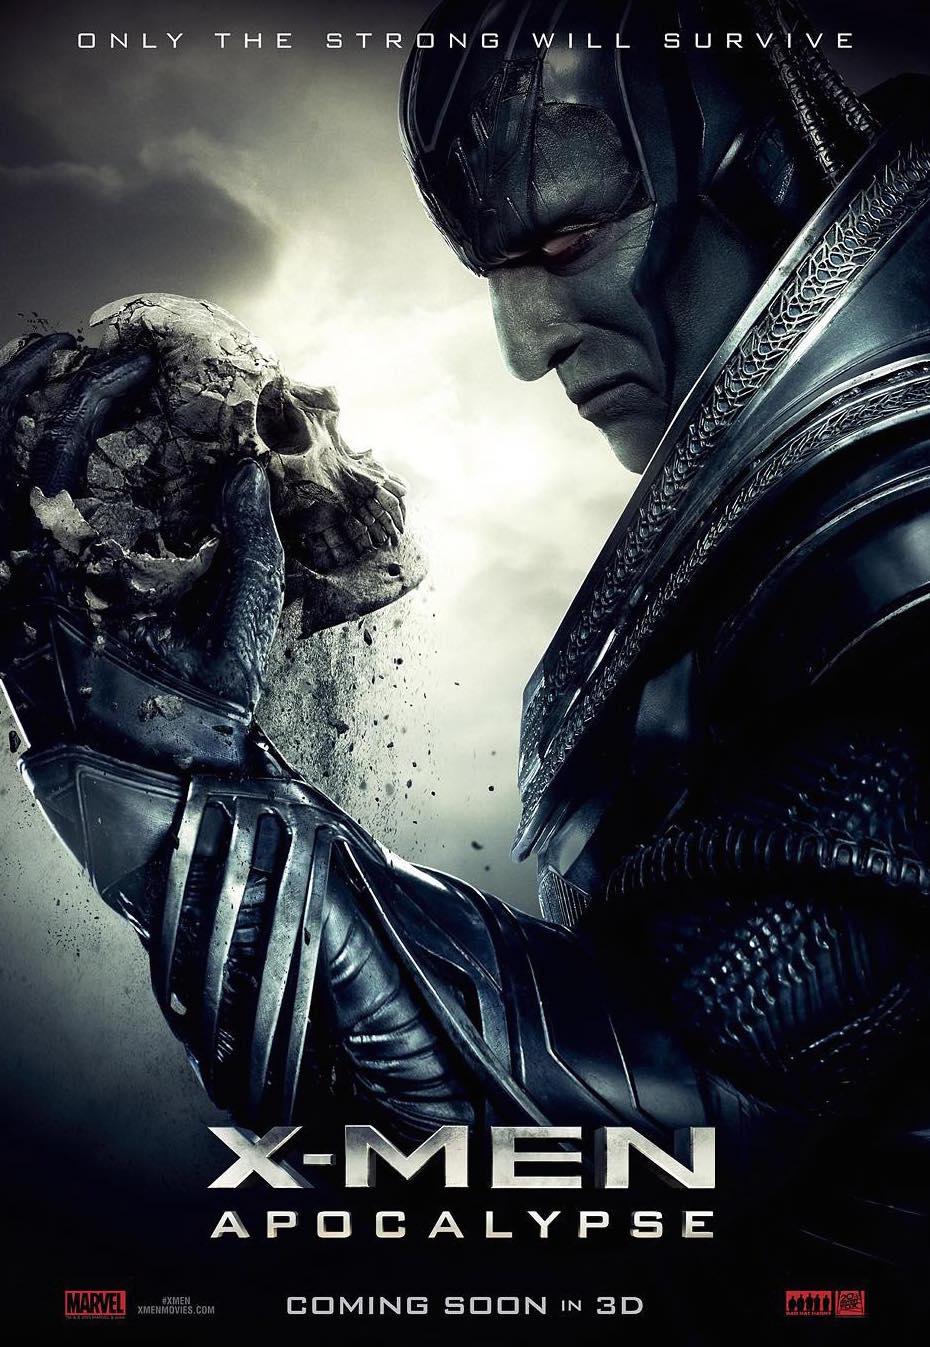 X-Men: Apocalypse - Un nuovo poster ufficiale del film